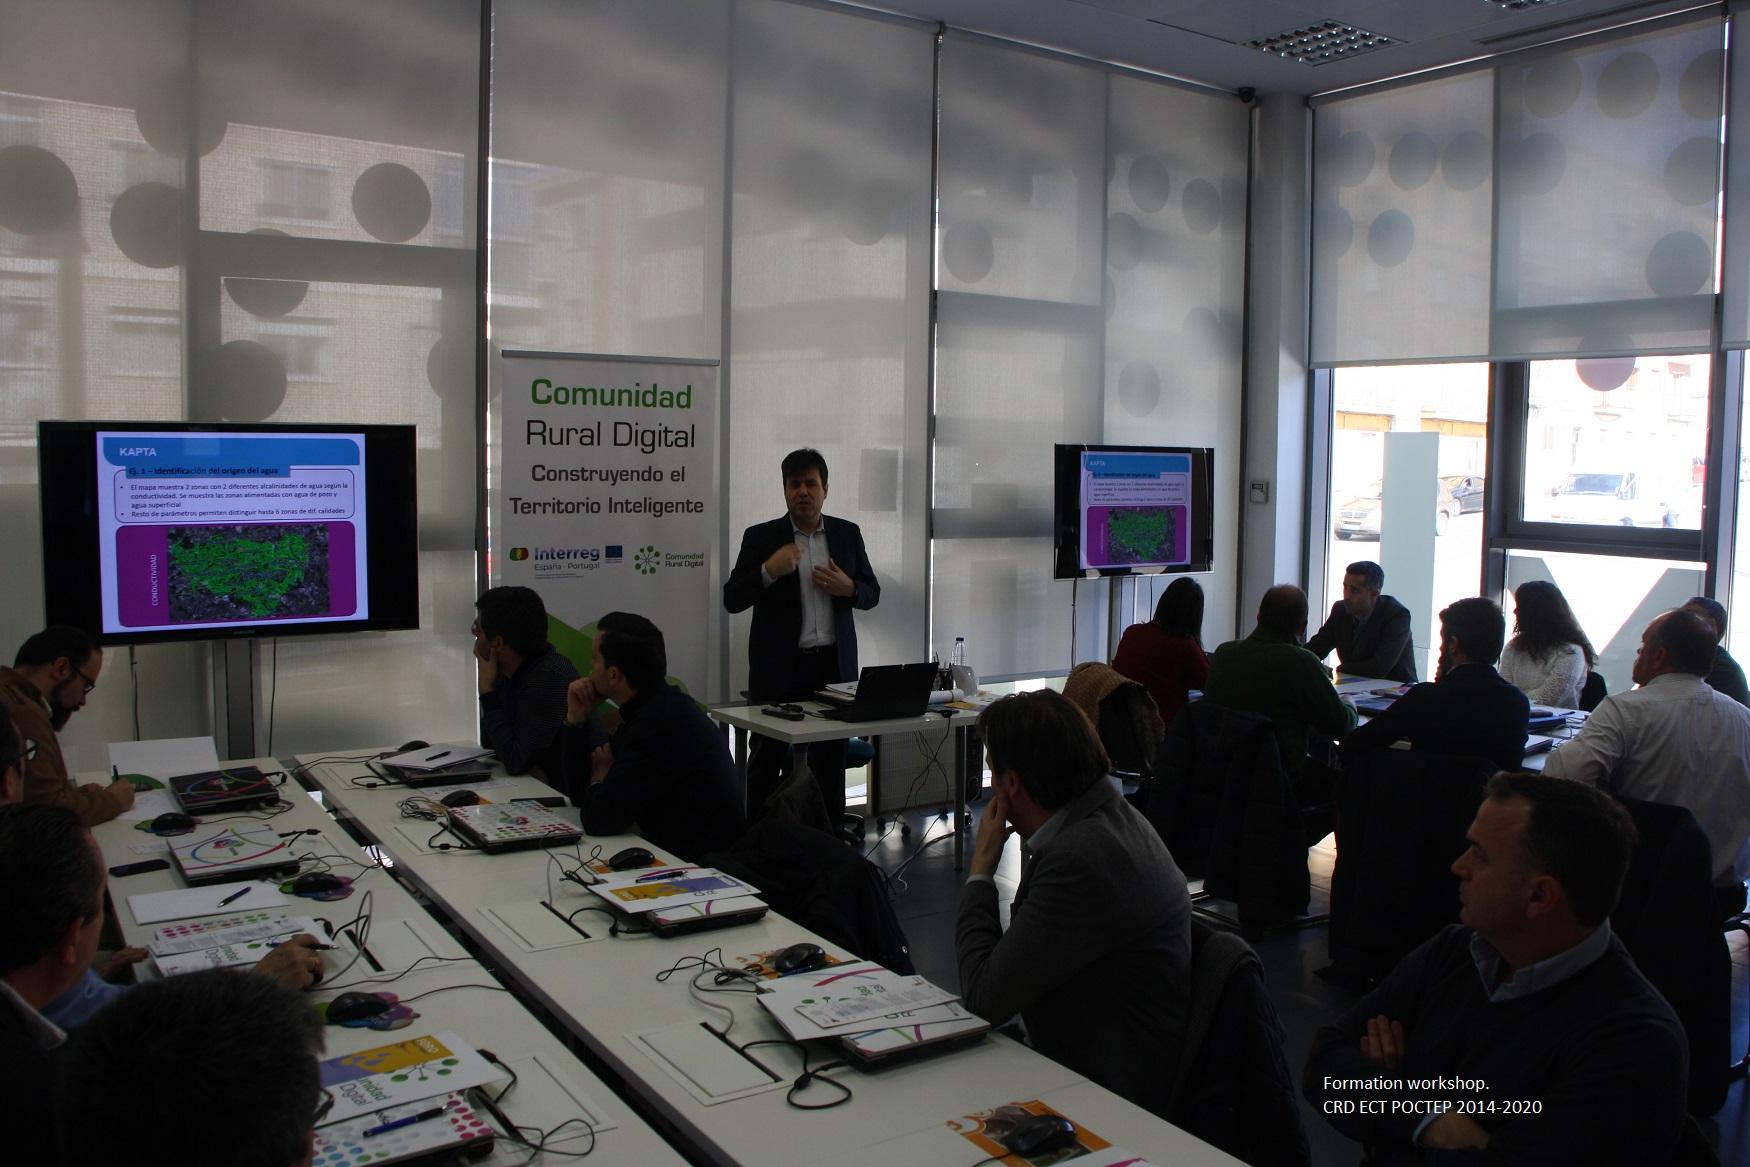 A workshop held as part of the Rural Digital Communities project. ©Dirección General de Telecomunicaciones y Transformación Digital-Consejería de Fomento y Medio Ambiente-Junta de Castilla y León